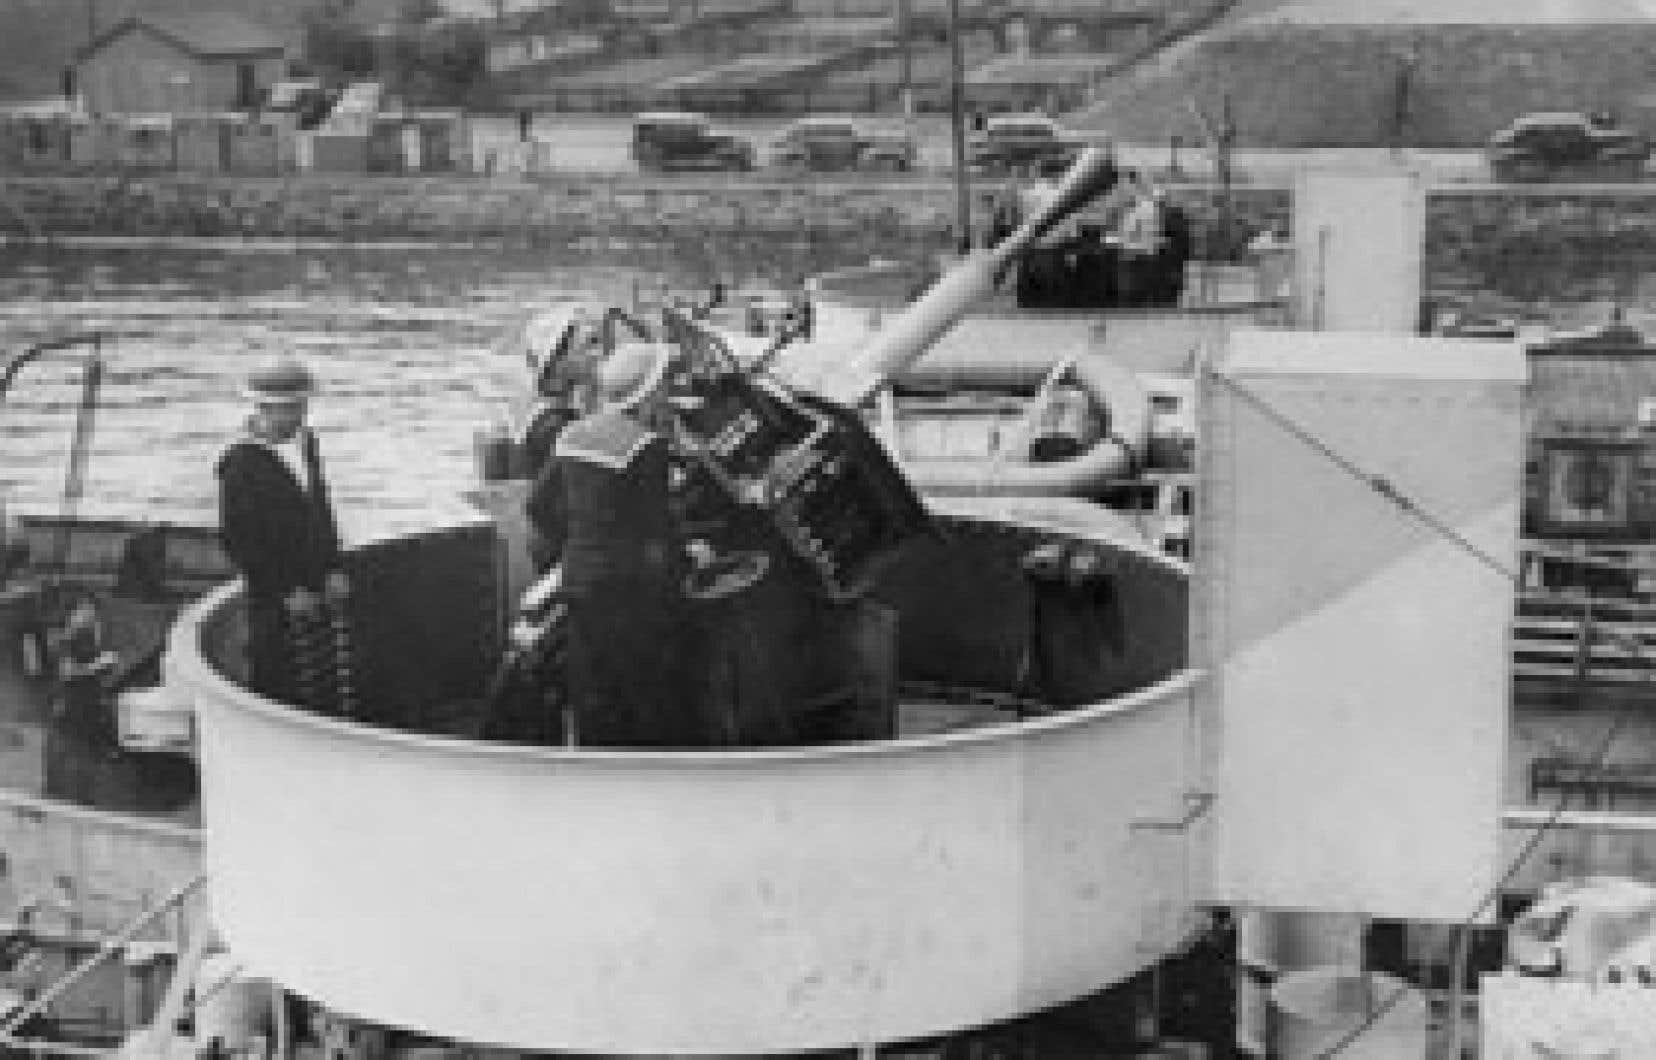 Pom-pom et équipe de pièce à bord du NCSM Morden. Ce canon, qui était la principale arme antiaérienne sur les corvettes canadiennes, pouvait tirer 60 salves à la minute. Son feu lourd et sourd lui a valu le surnom de «pom-pom».